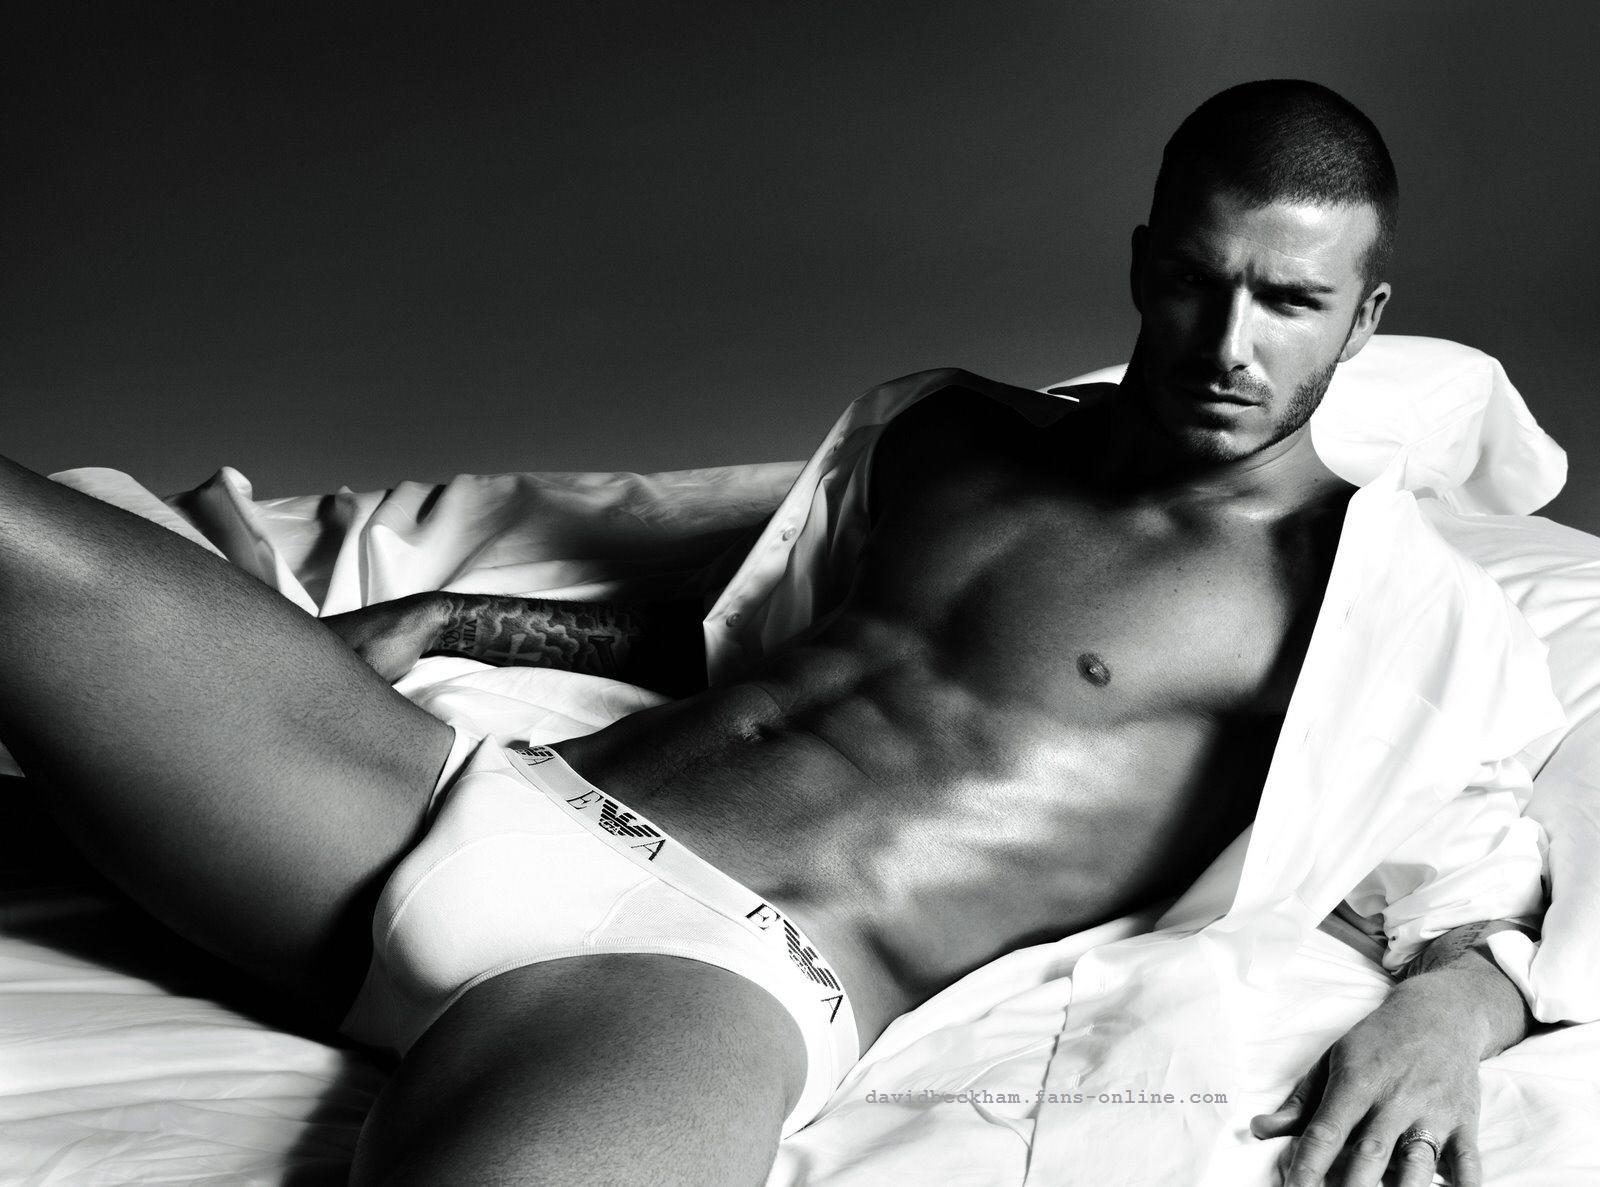 imagenes de cristiano ronaldo sin ropa interior - Cristiano Ronaldo lanza sexy línea de ropa interior (fotos)